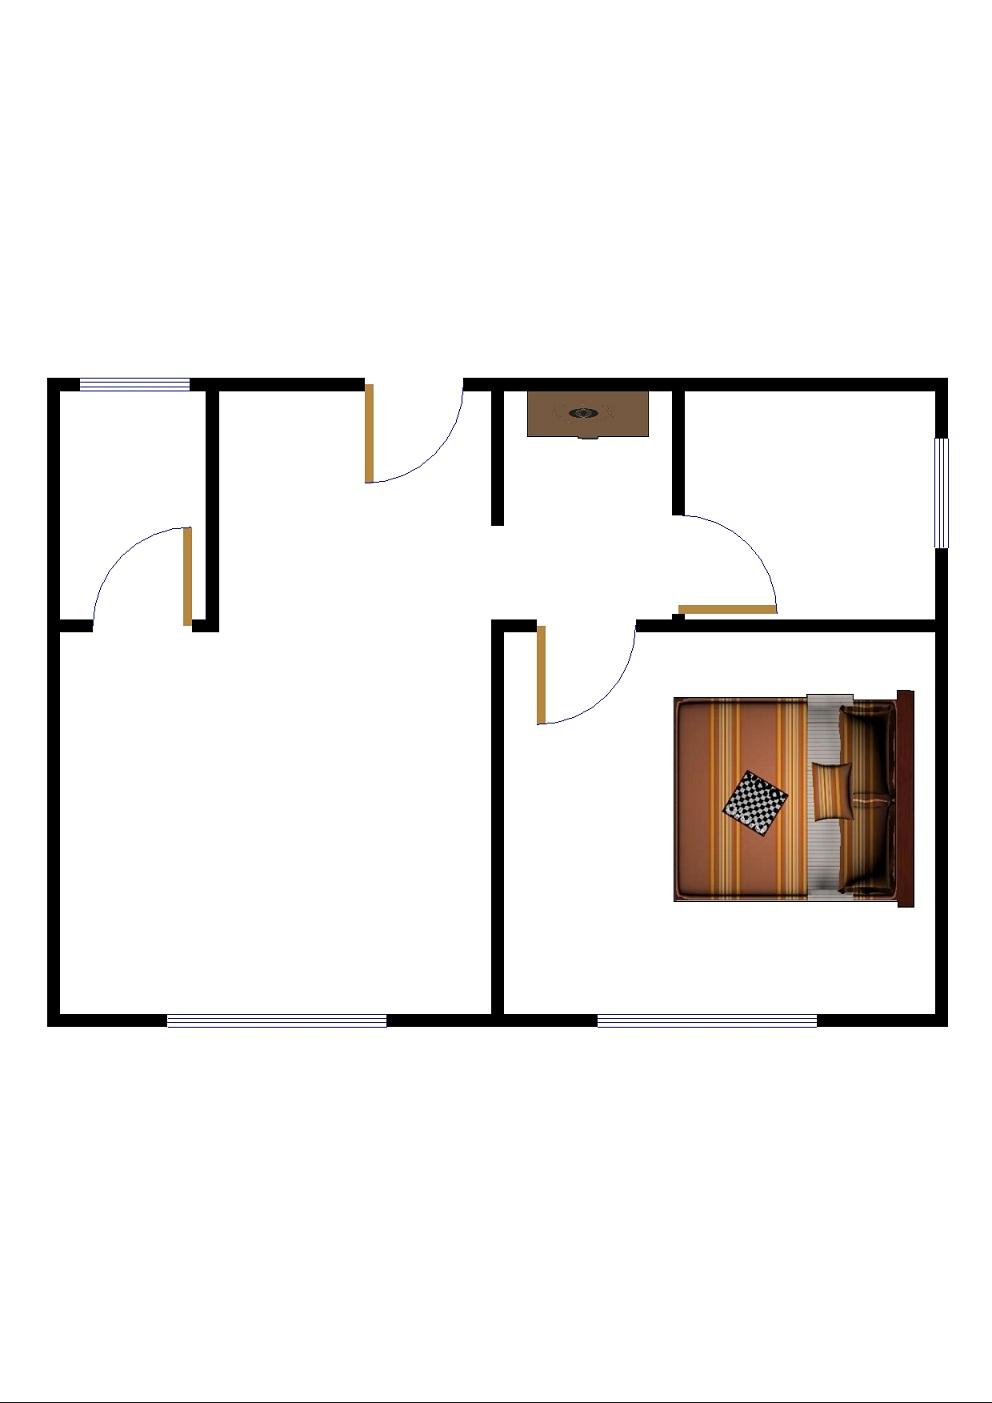 运河鑫城 1室1厅 4楼